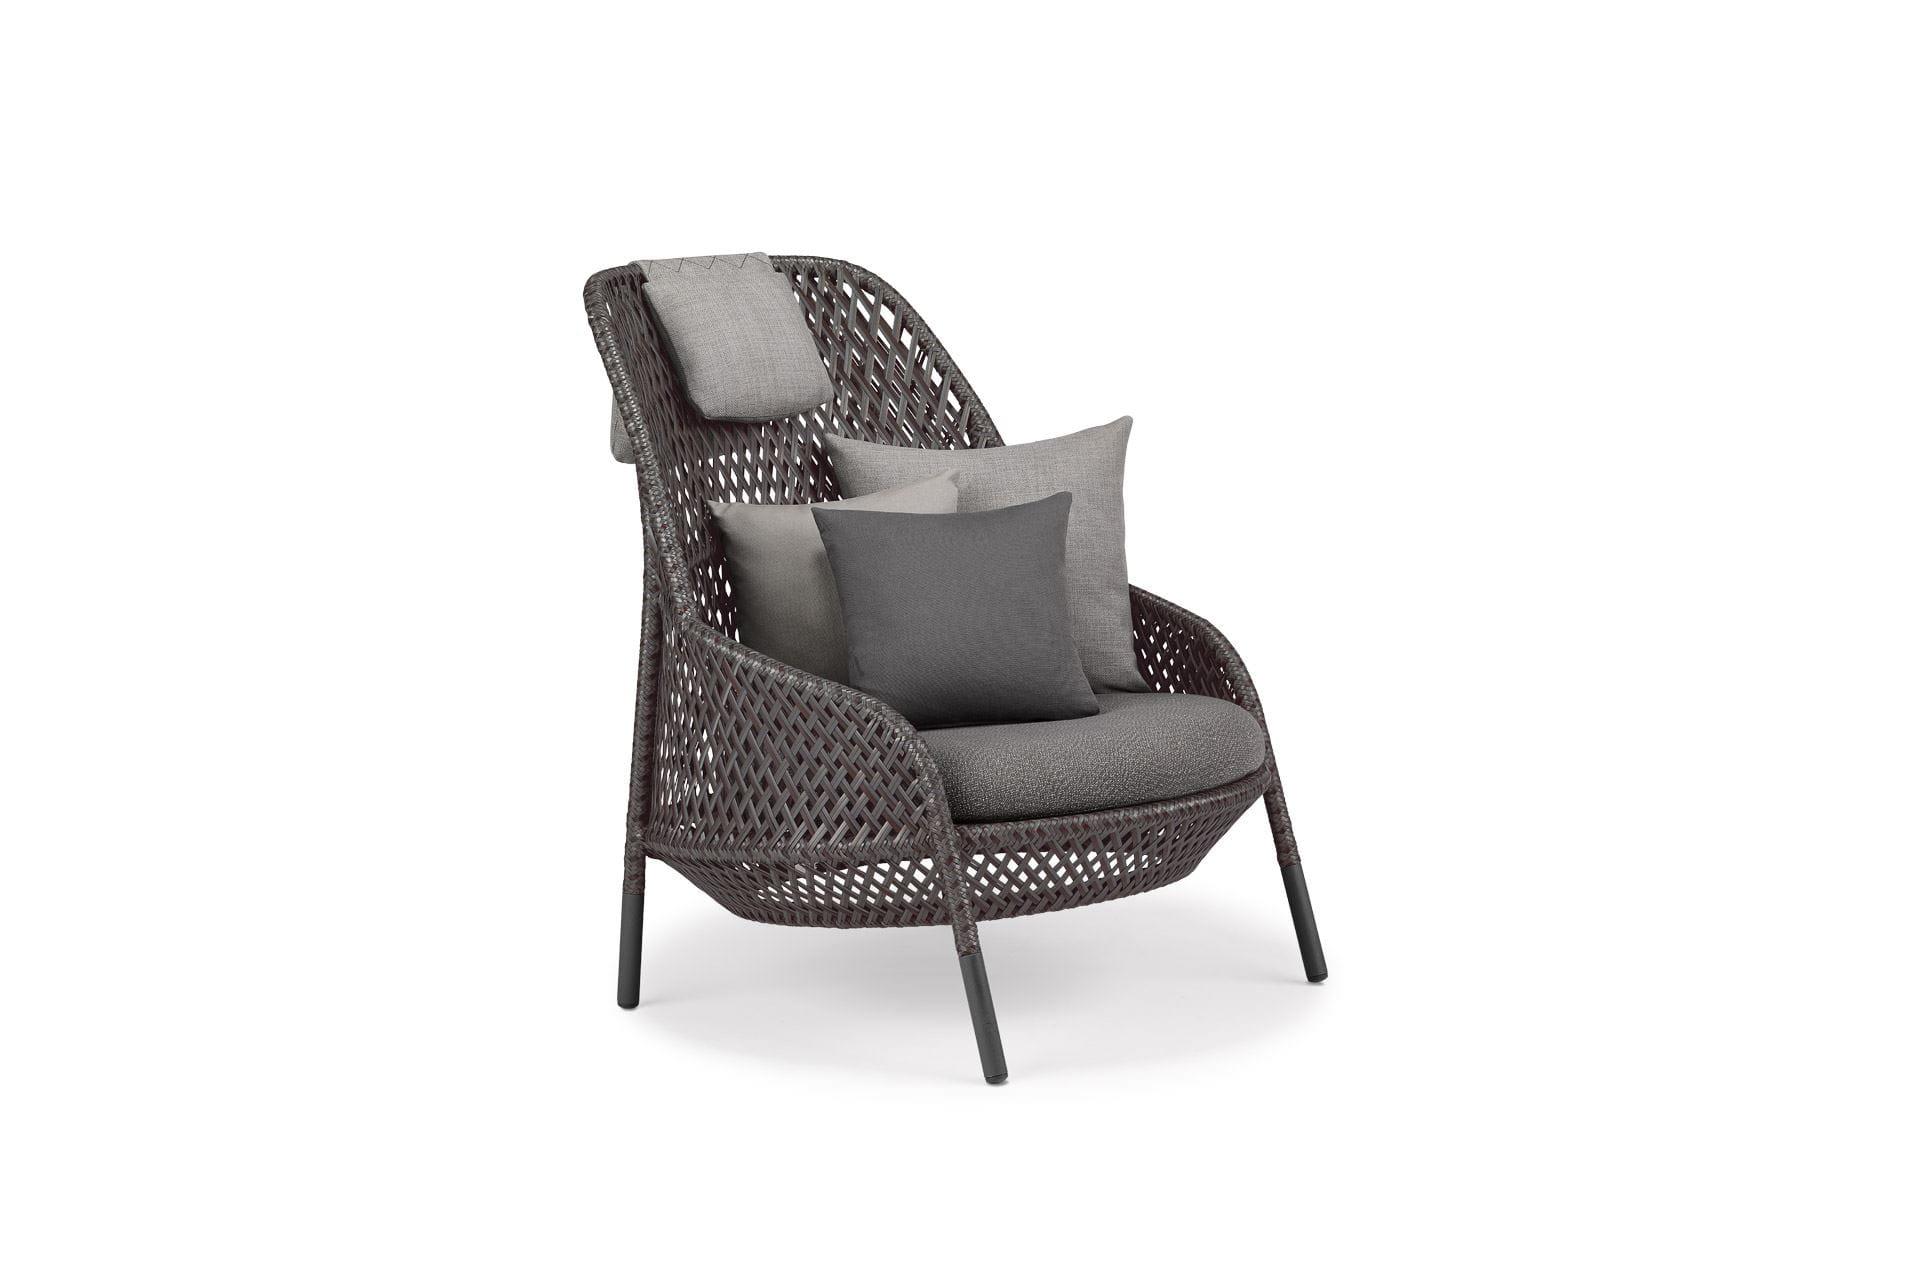 dedon ahnda hochlehner. Black Bedroom Furniture Sets. Home Design Ideas